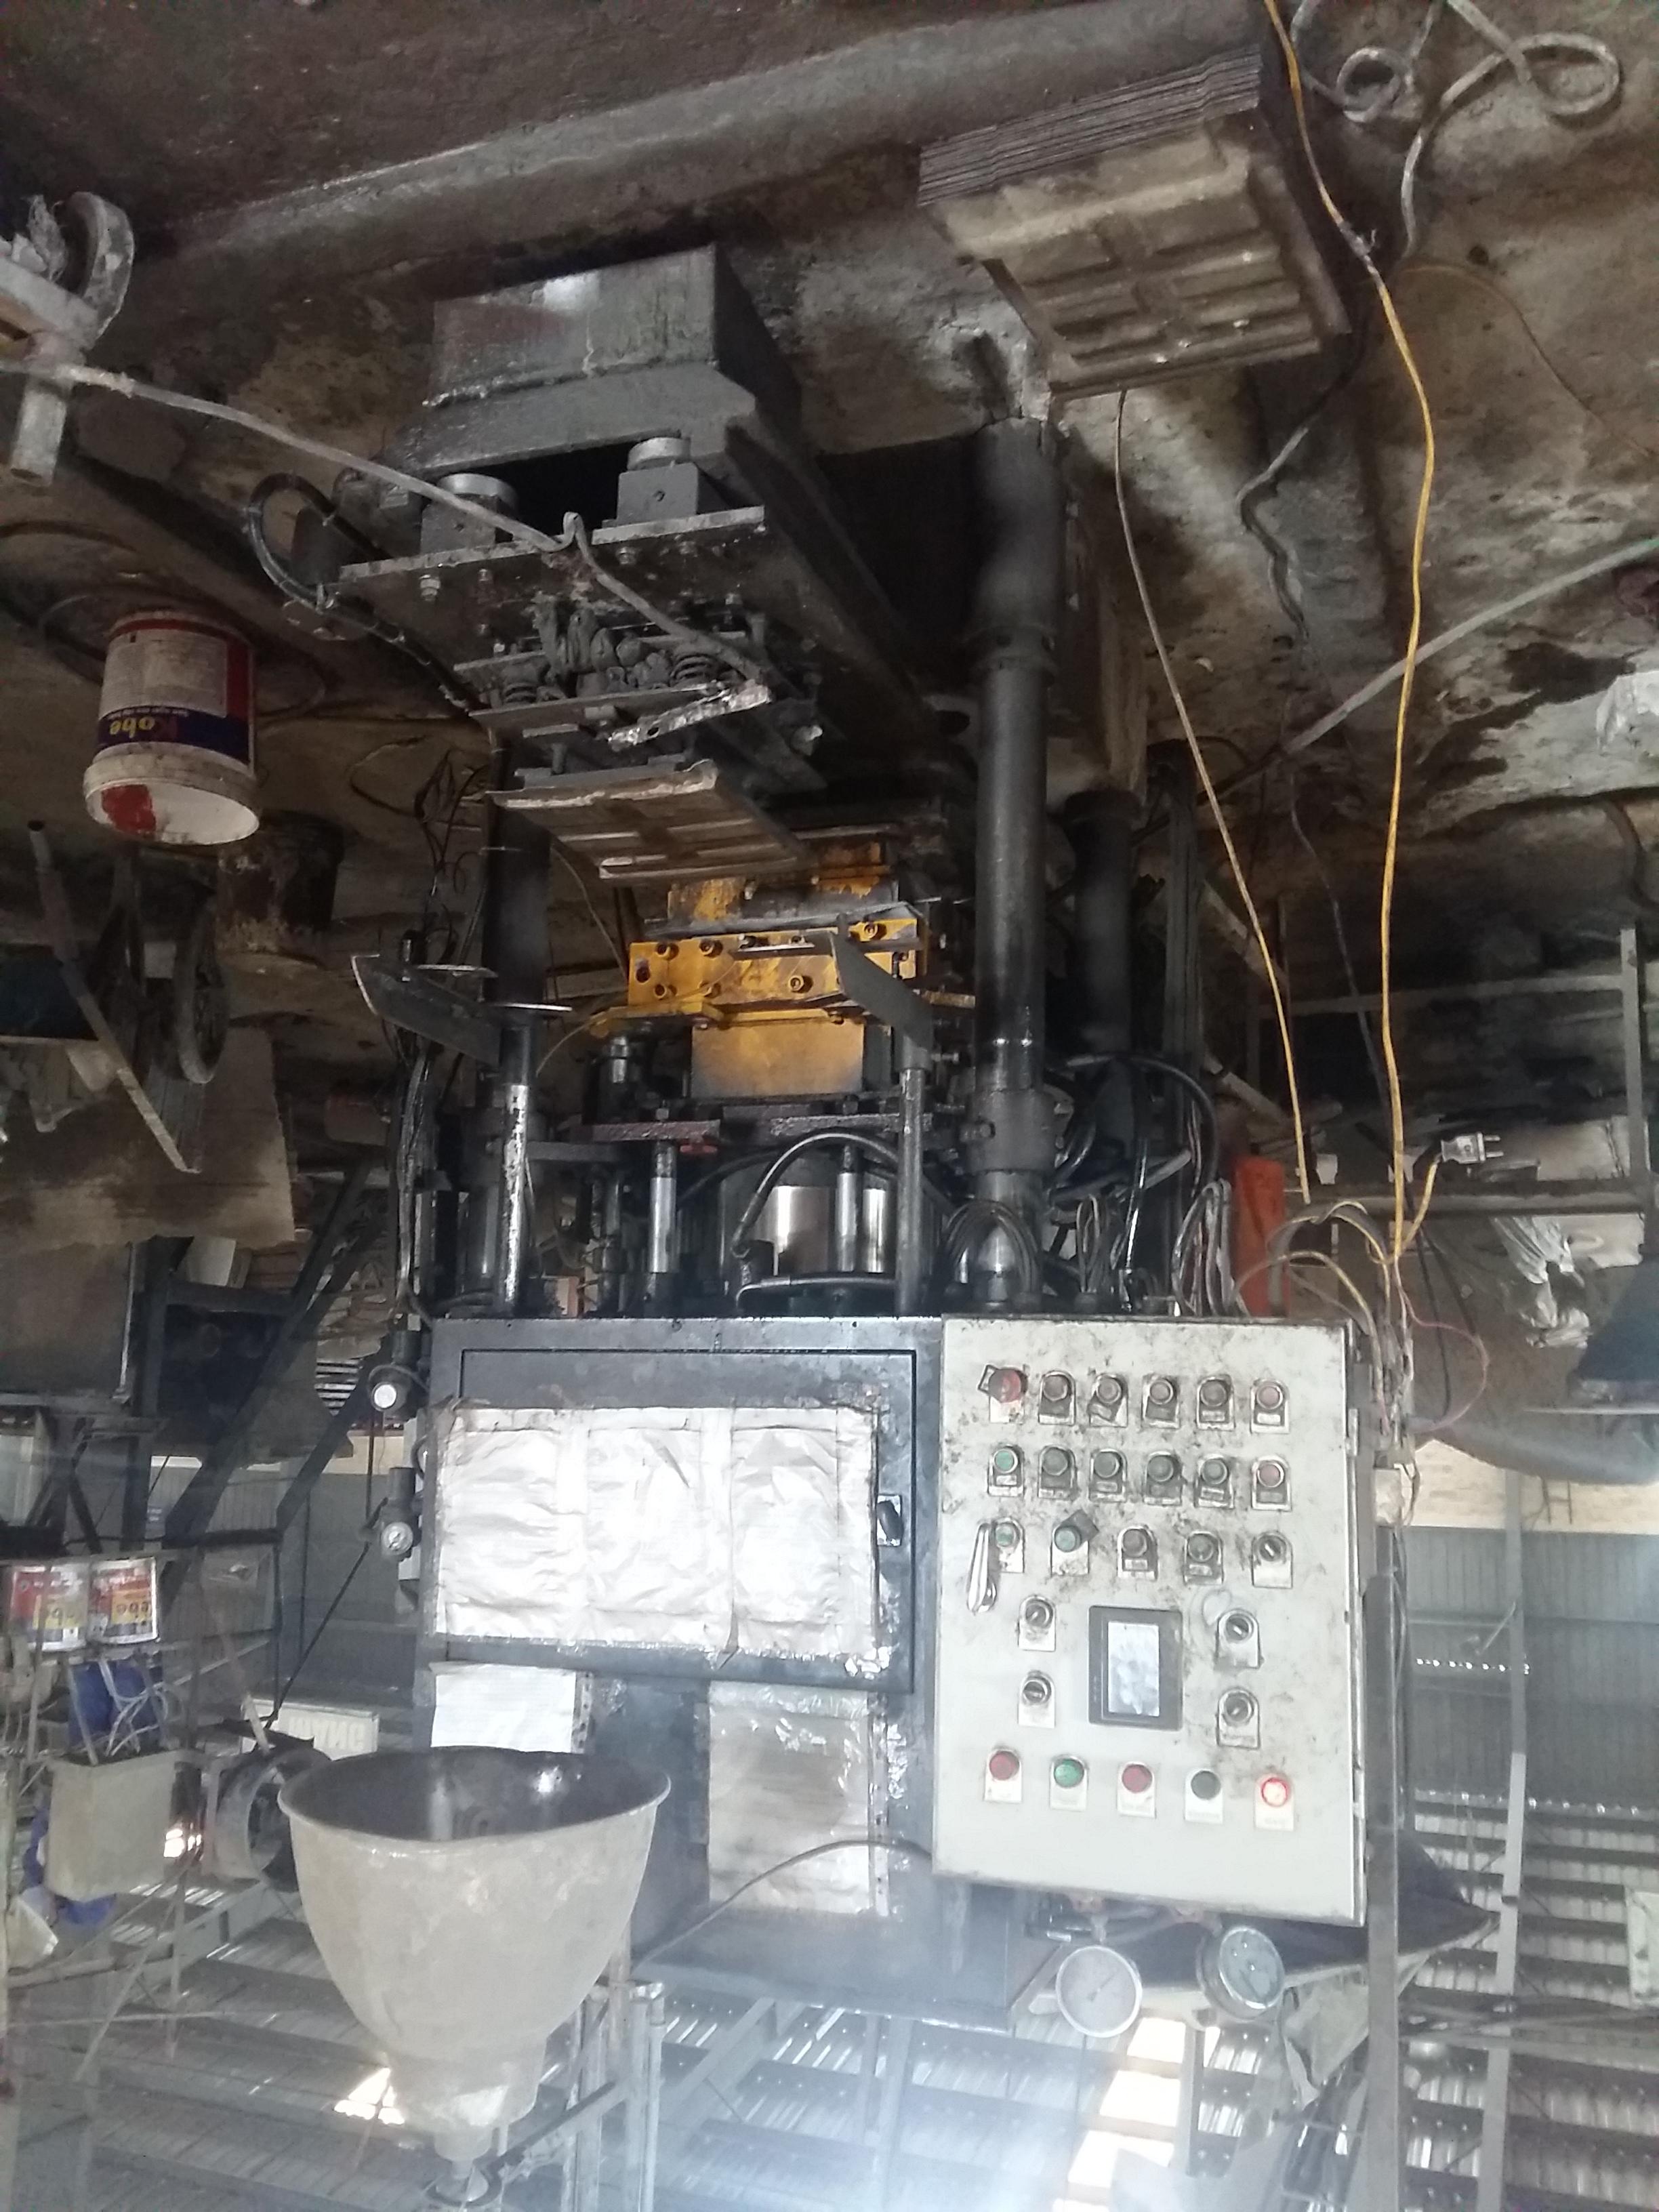 Thanh lí GẤP dây chuyền sản xuất gạch ngói tại Hà Nội, Đà Nẵng, Bình Dương giá hấp dẫn